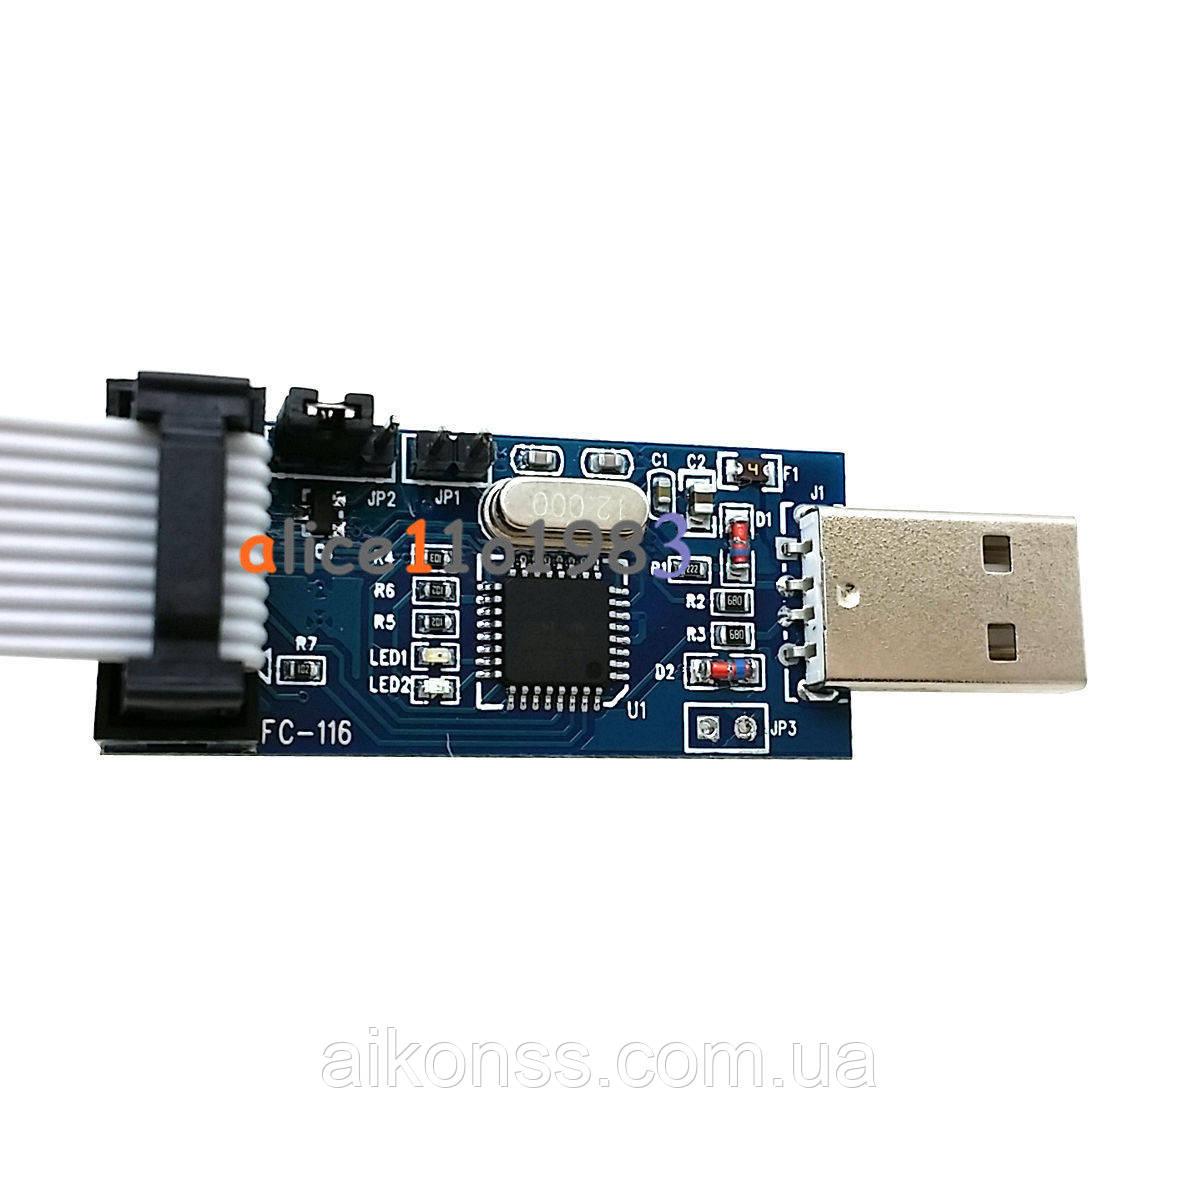 USBASP Програматор AVR USB ASP ЯКІСТЬ А+++ !!!